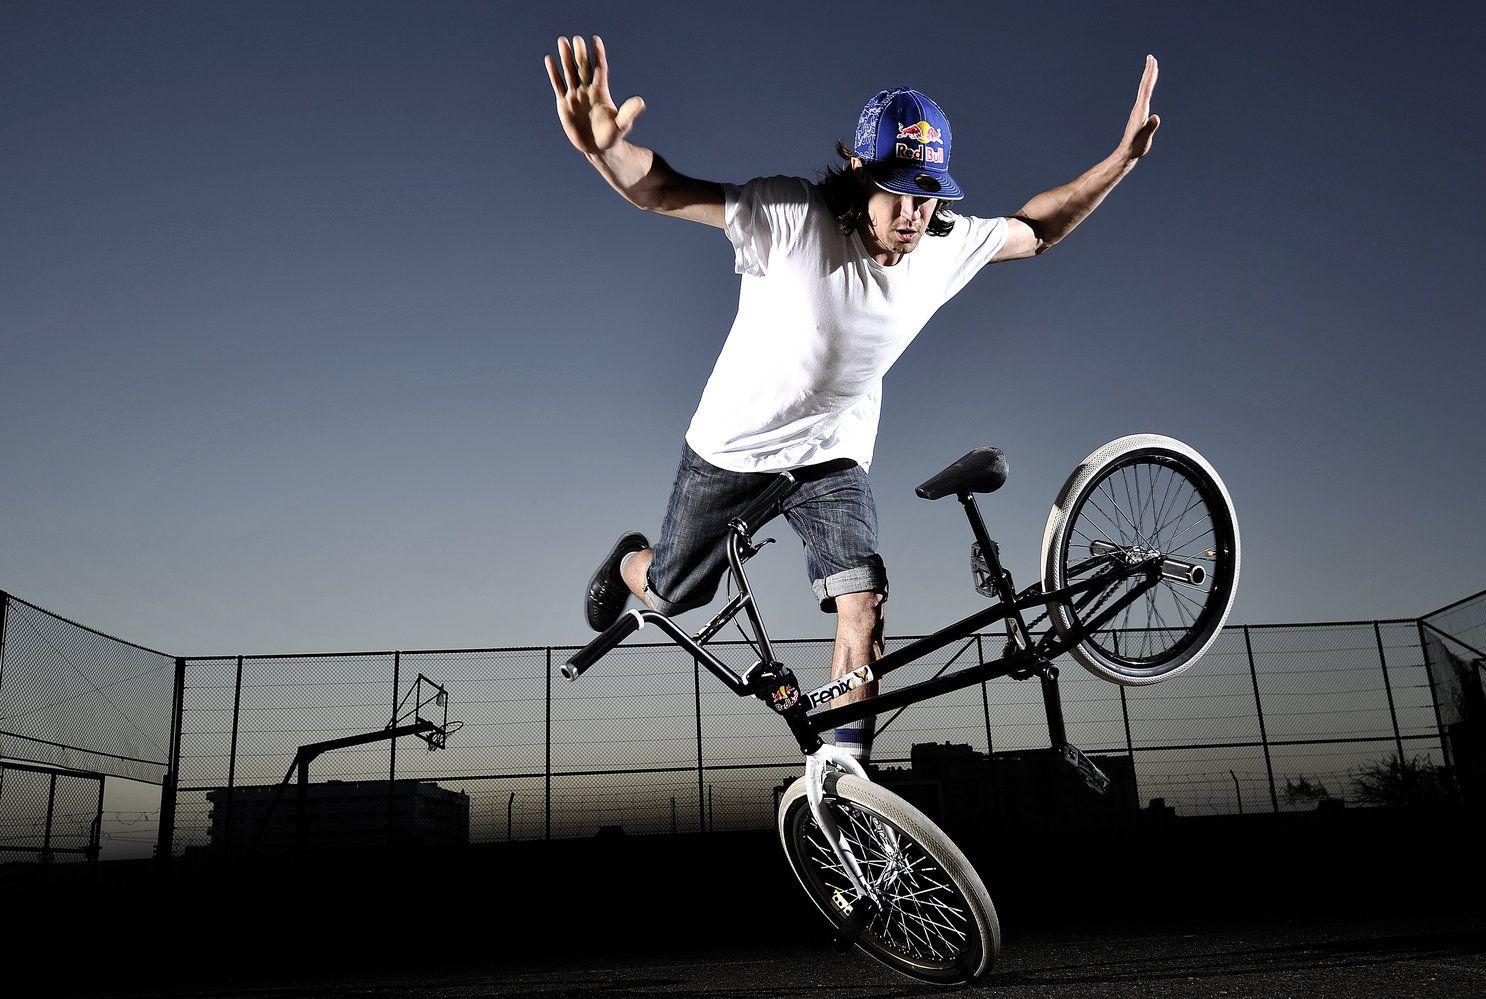 Crazy Bmx Trick Freestyle Wallpaper High Defin 8756 Wallpaper High Resolution Wallarthd Com Bmx Bikes Bmx Freestyle Bmx